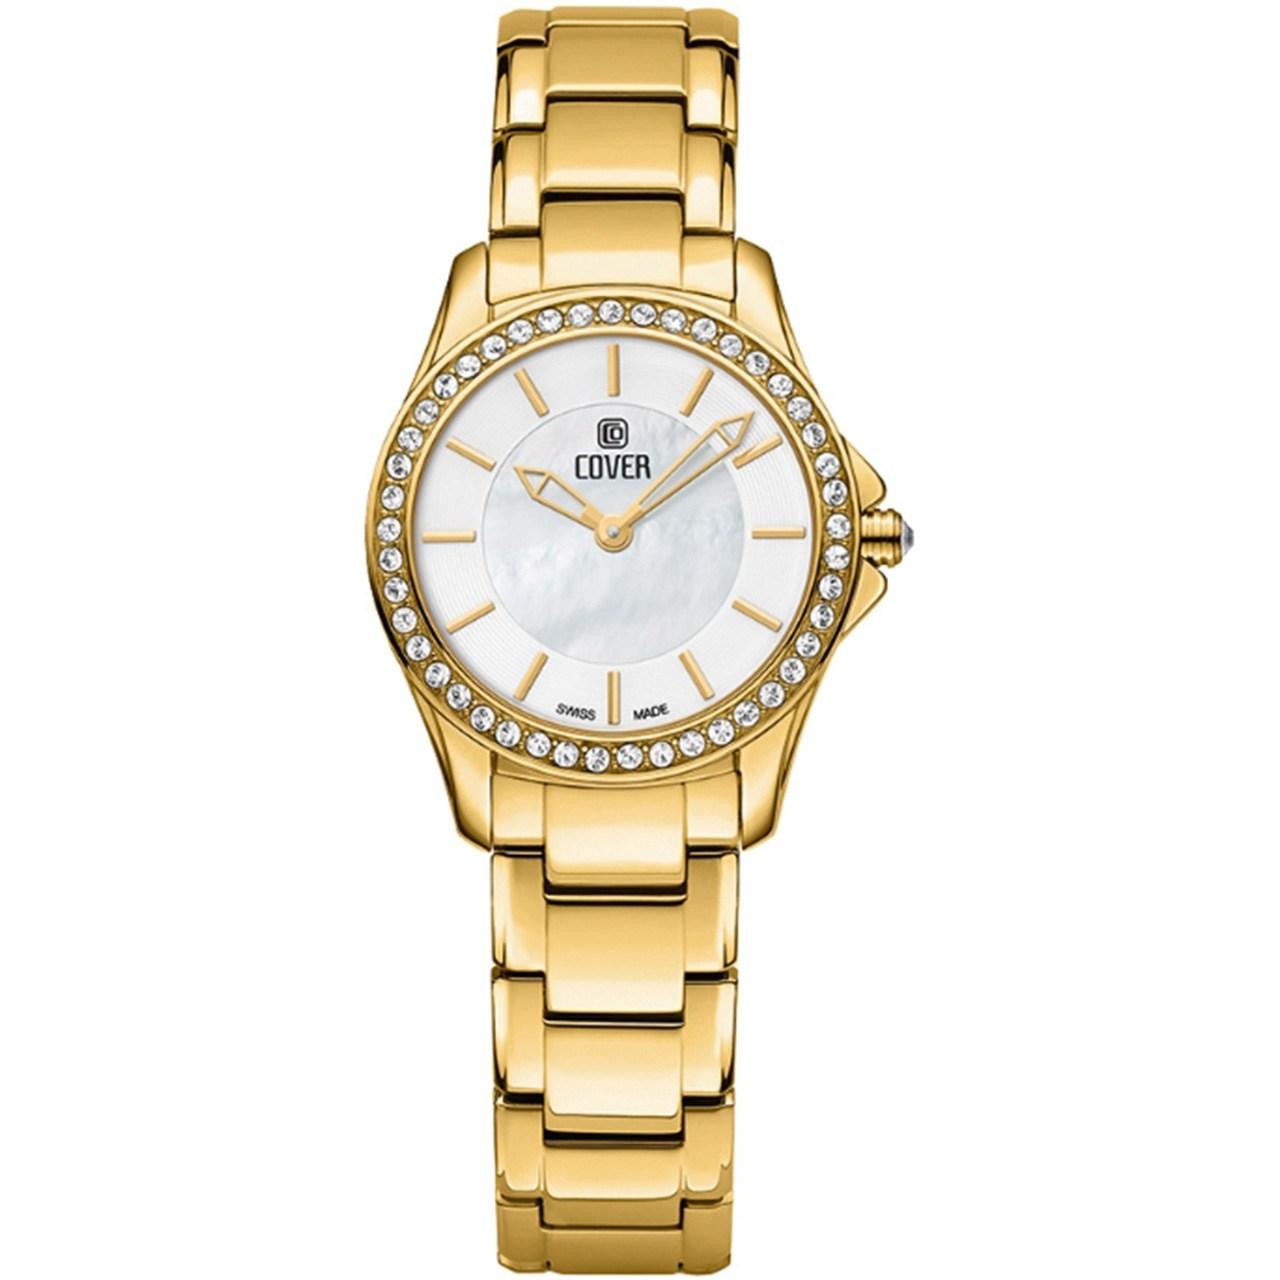 ساعت مچی عقربه ای زنانه کاور مدل Co184.05